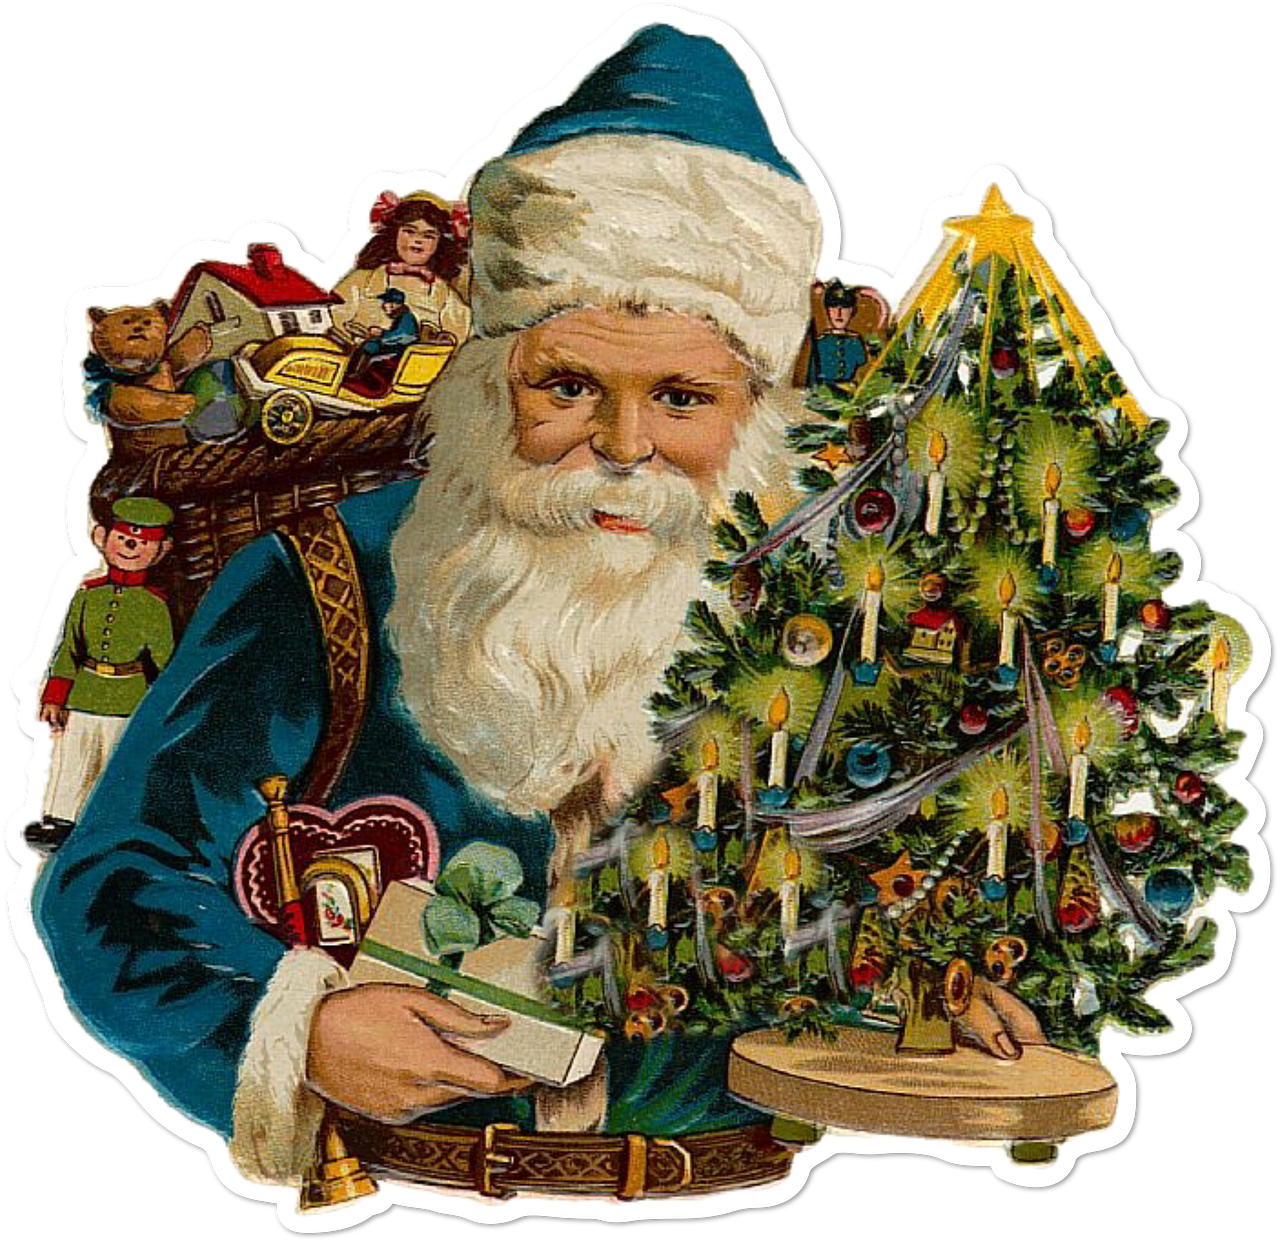 Как я доказал, что Дед Мороз существует